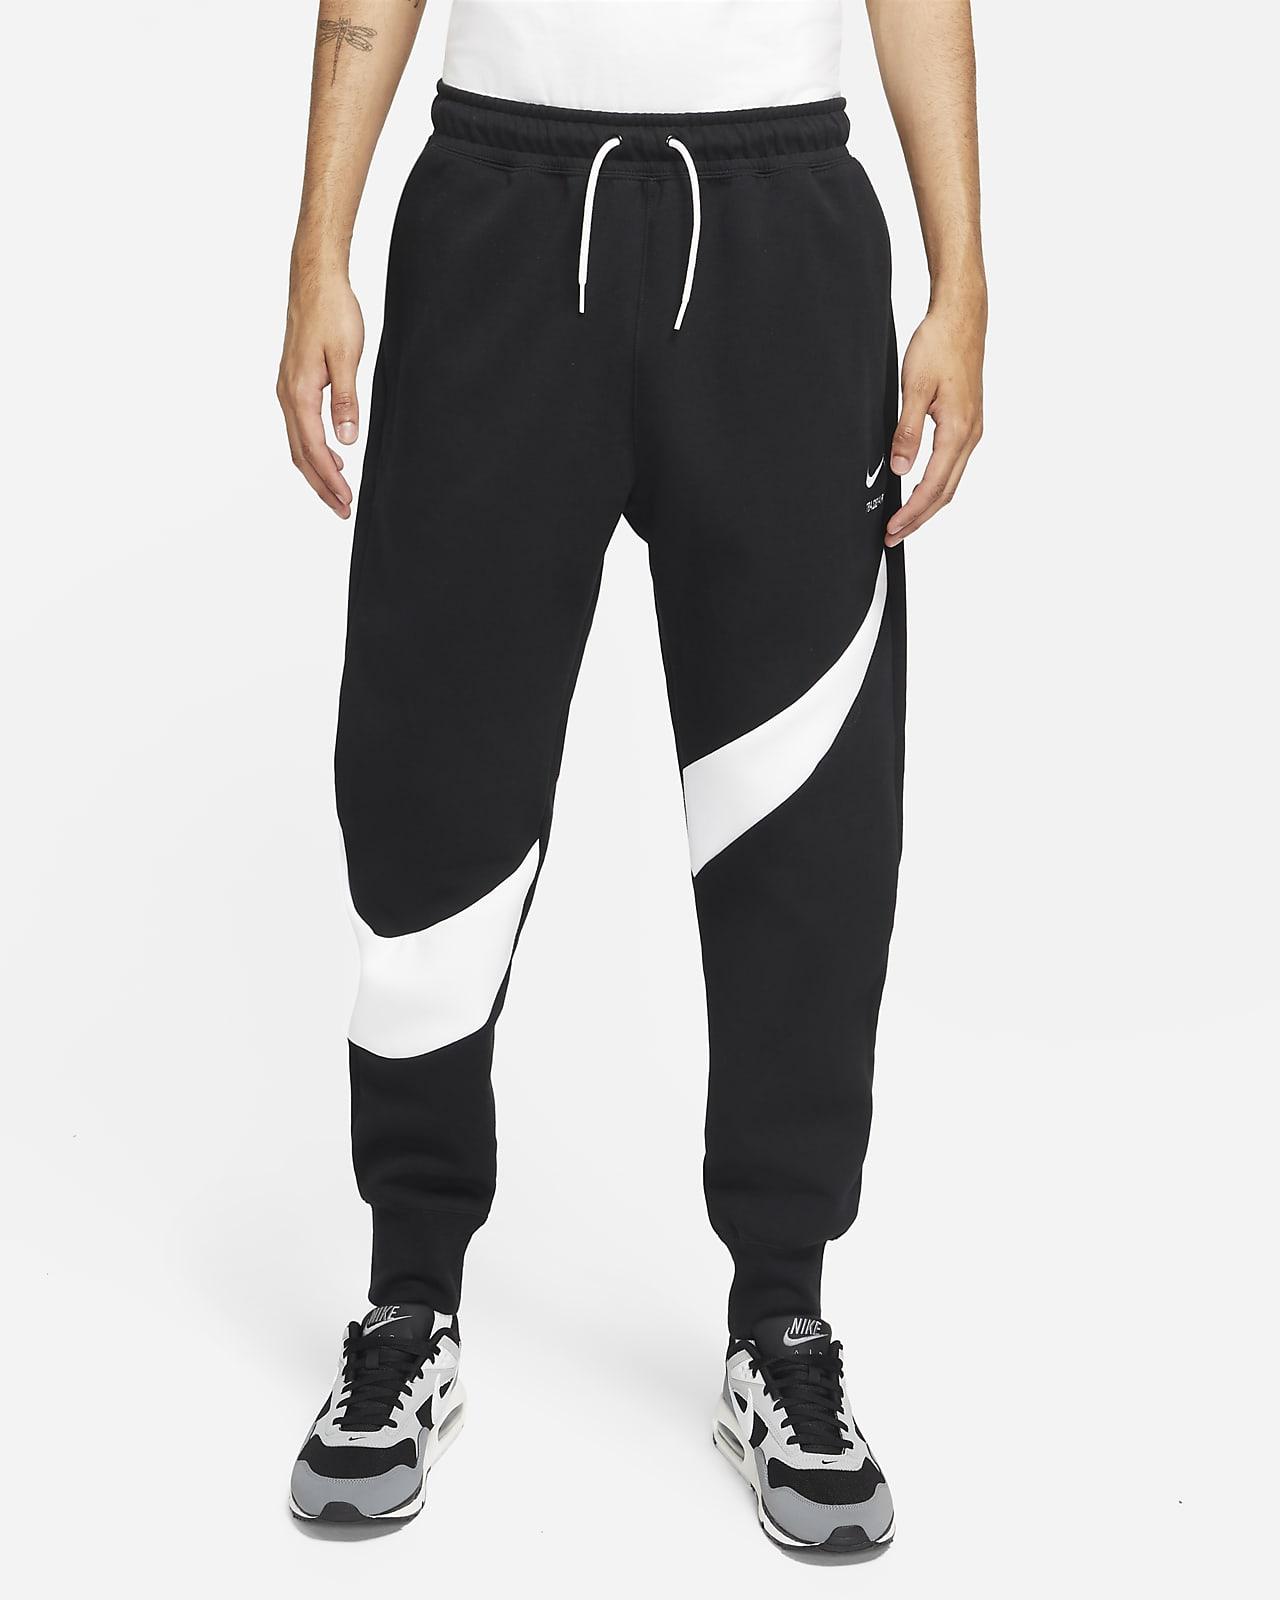 Nike Sportswear Swoosh Tech Fleece Men's Pants